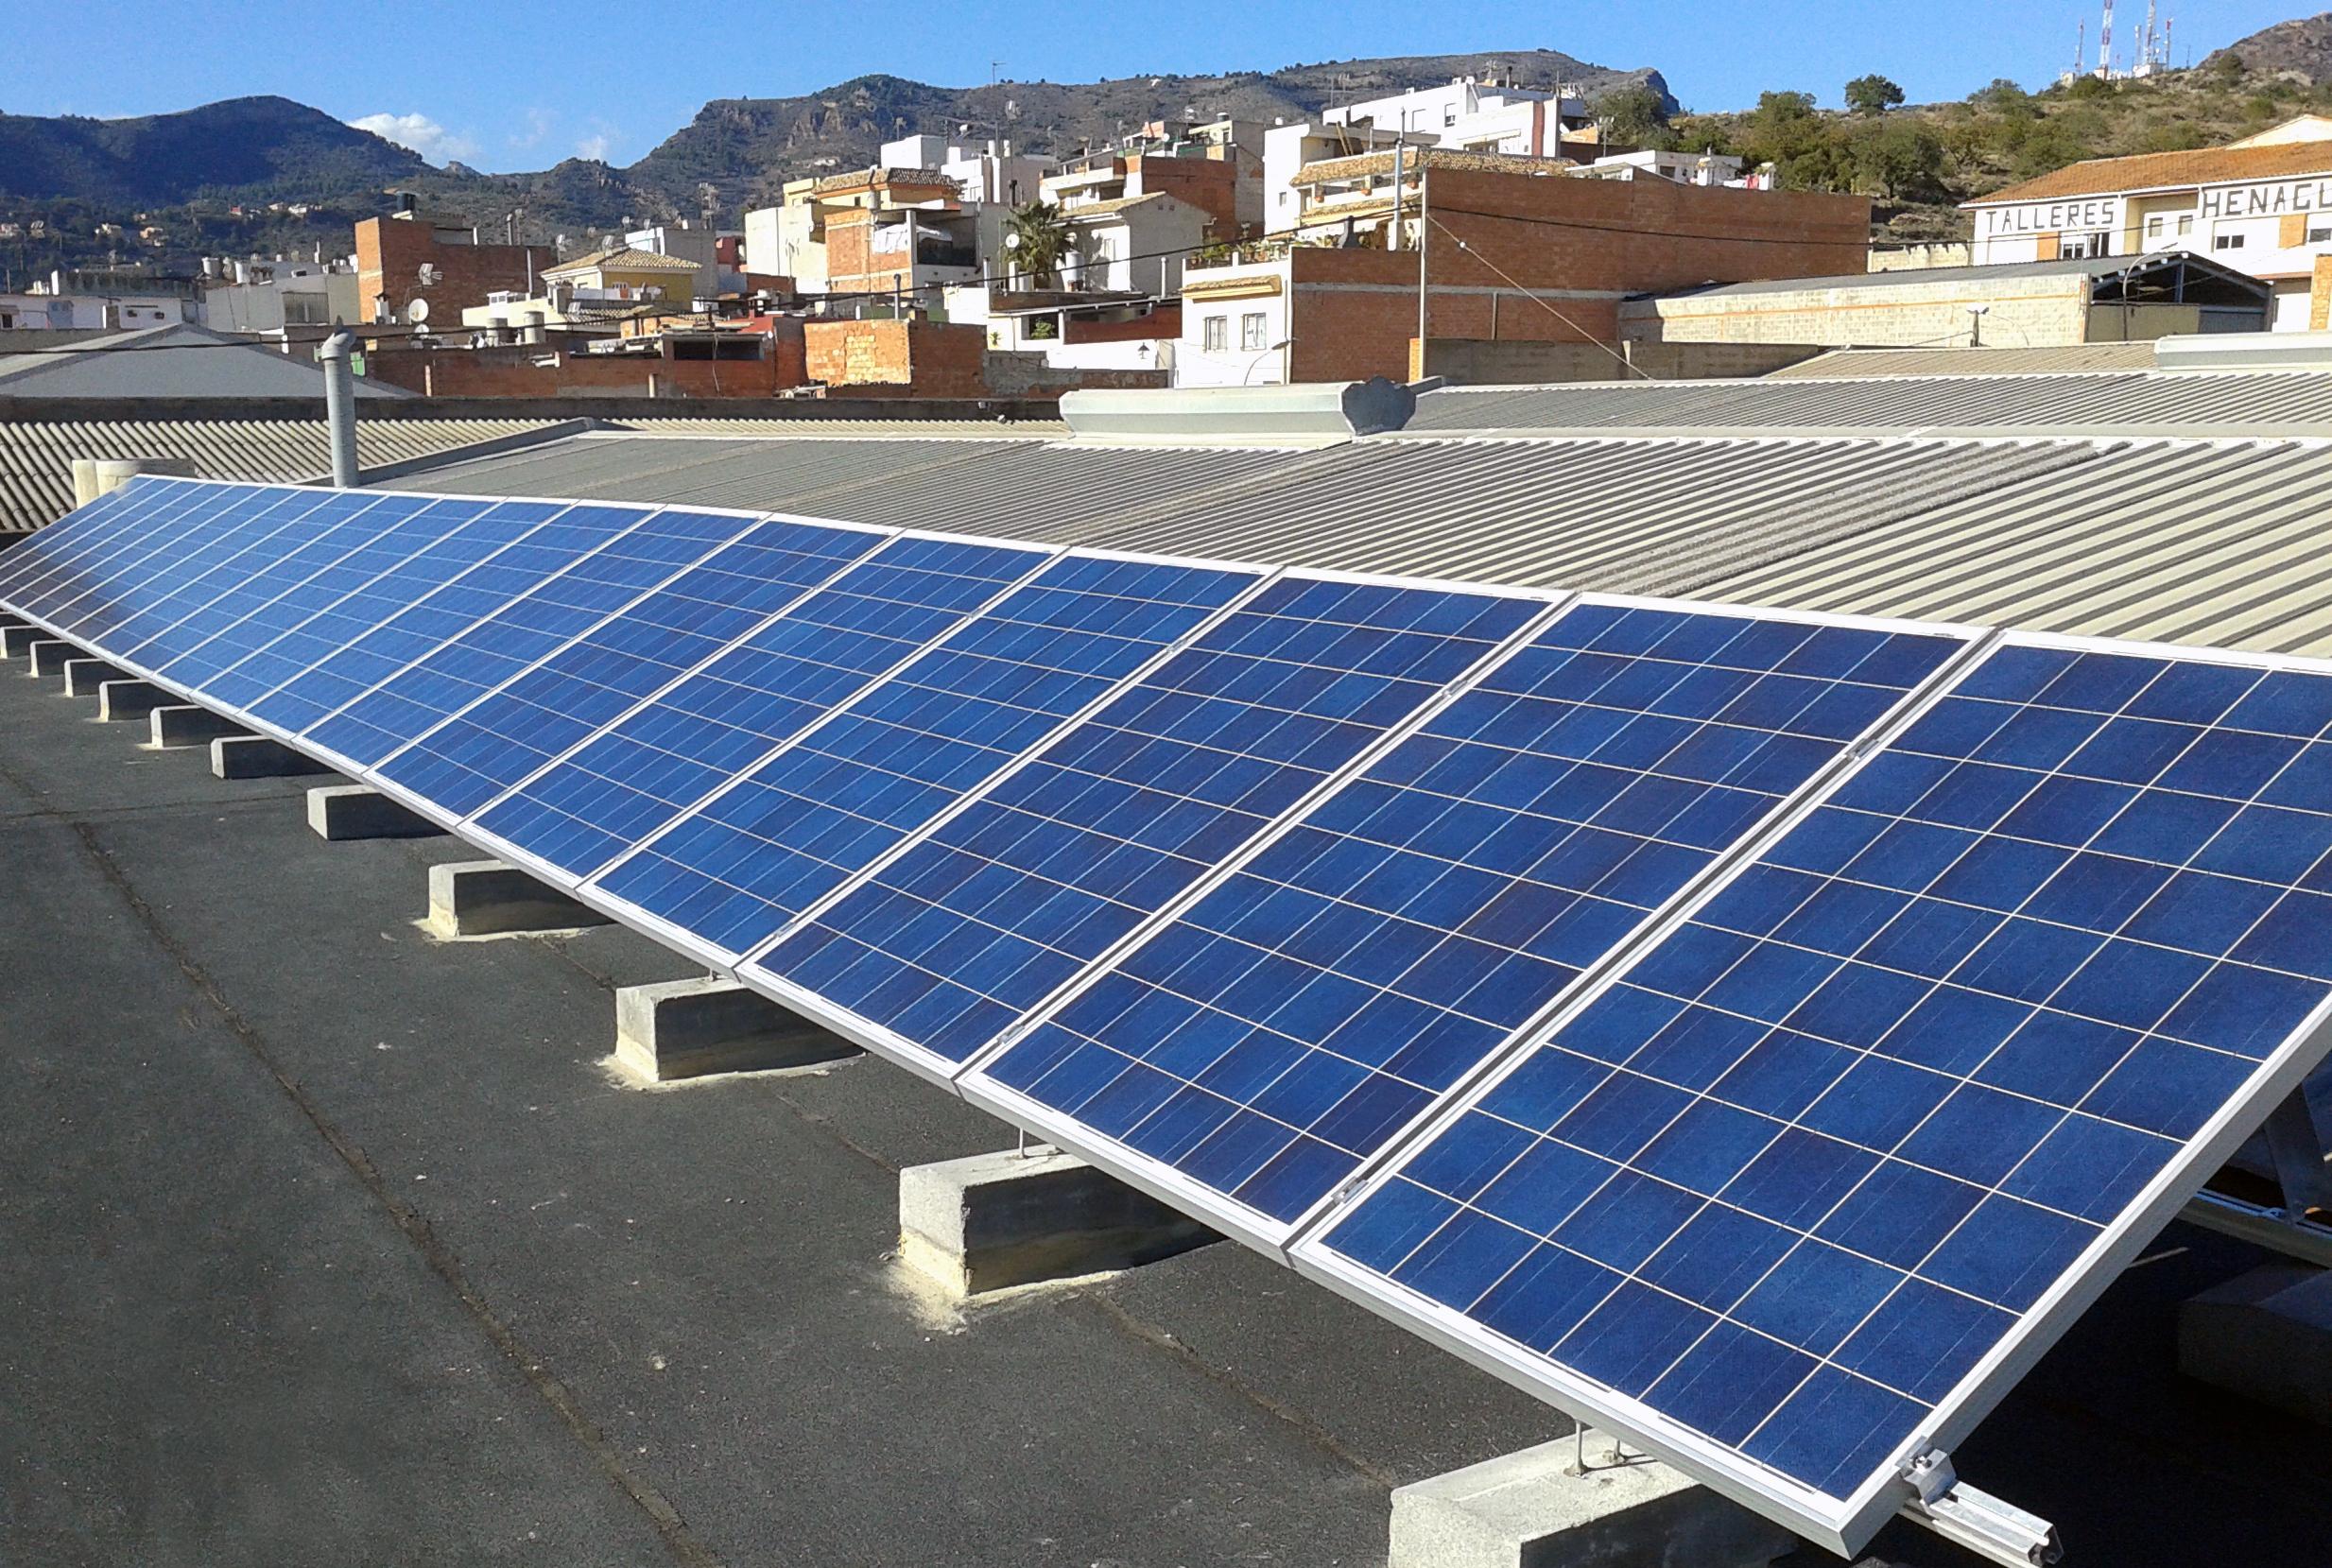 Conergy participa en dos nuevos proyectos de autoconsumo de energía solar fotovoltaica